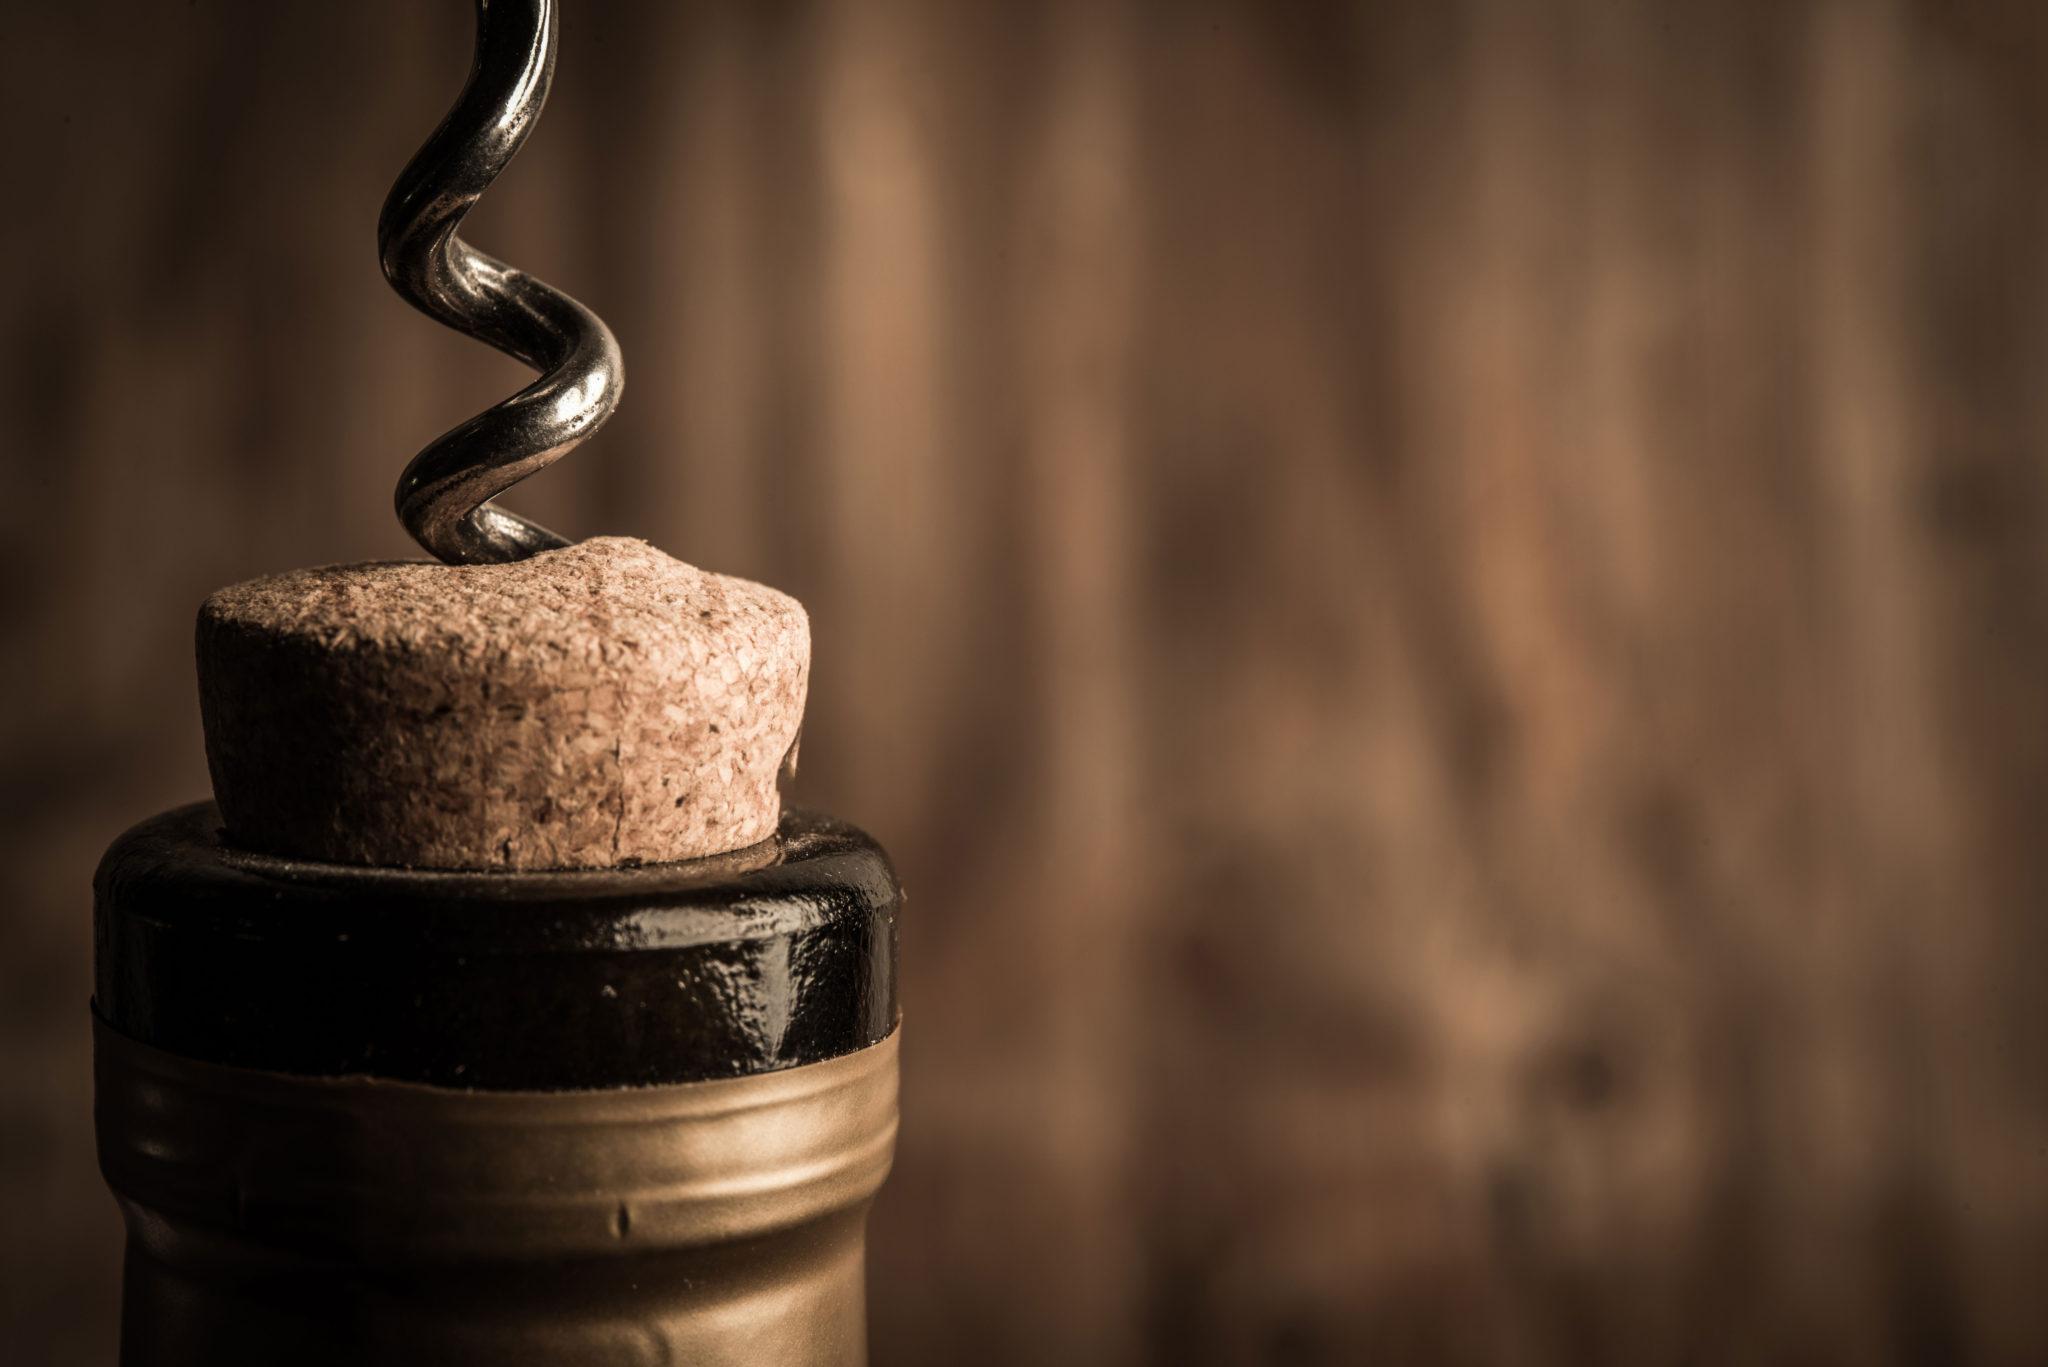 Salon des vins de bordeaux et d 39 aquitaine luxexpo thebox - Salon de massage erotique bordeaux ...